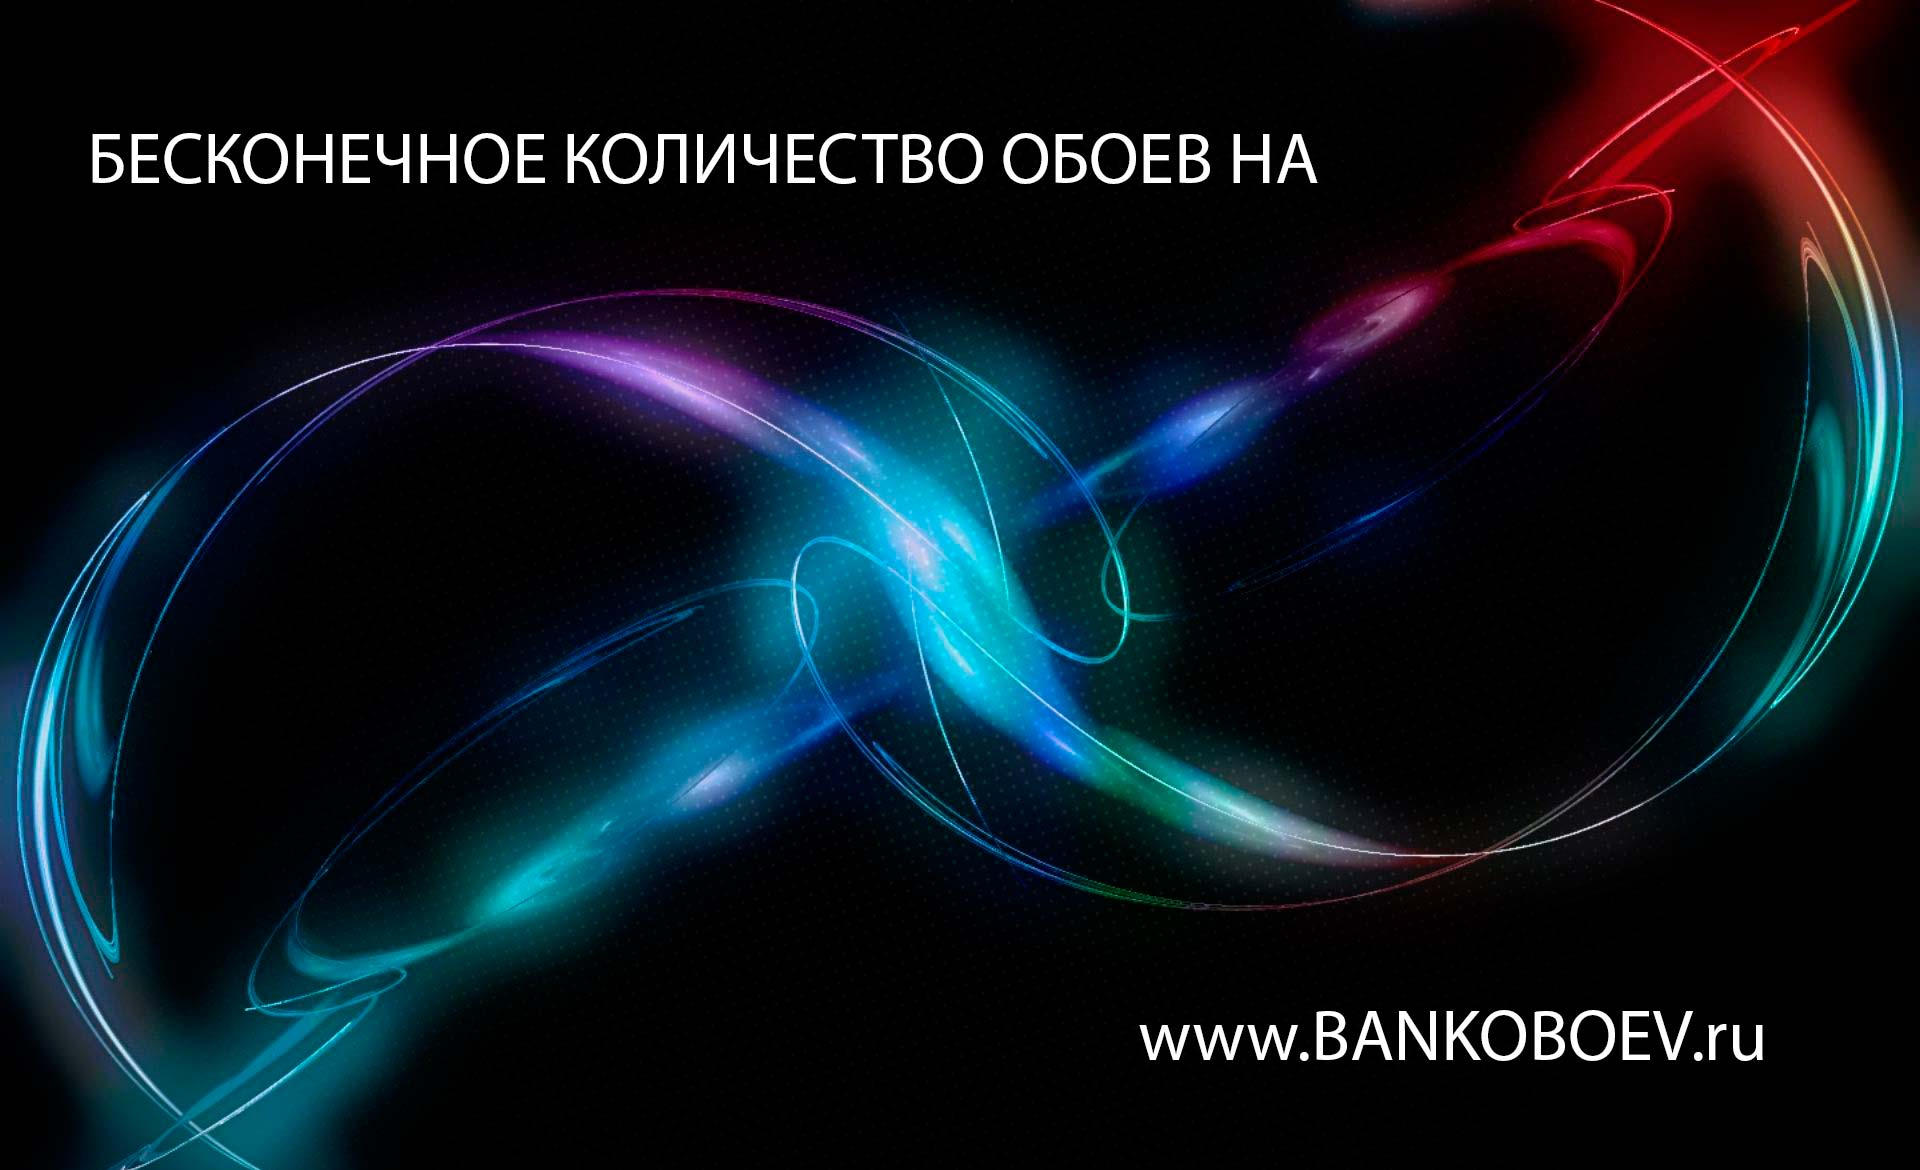 imagesMjA2NTg0BankoboevRu american kennel club golden retrieverjpg 1600x1200